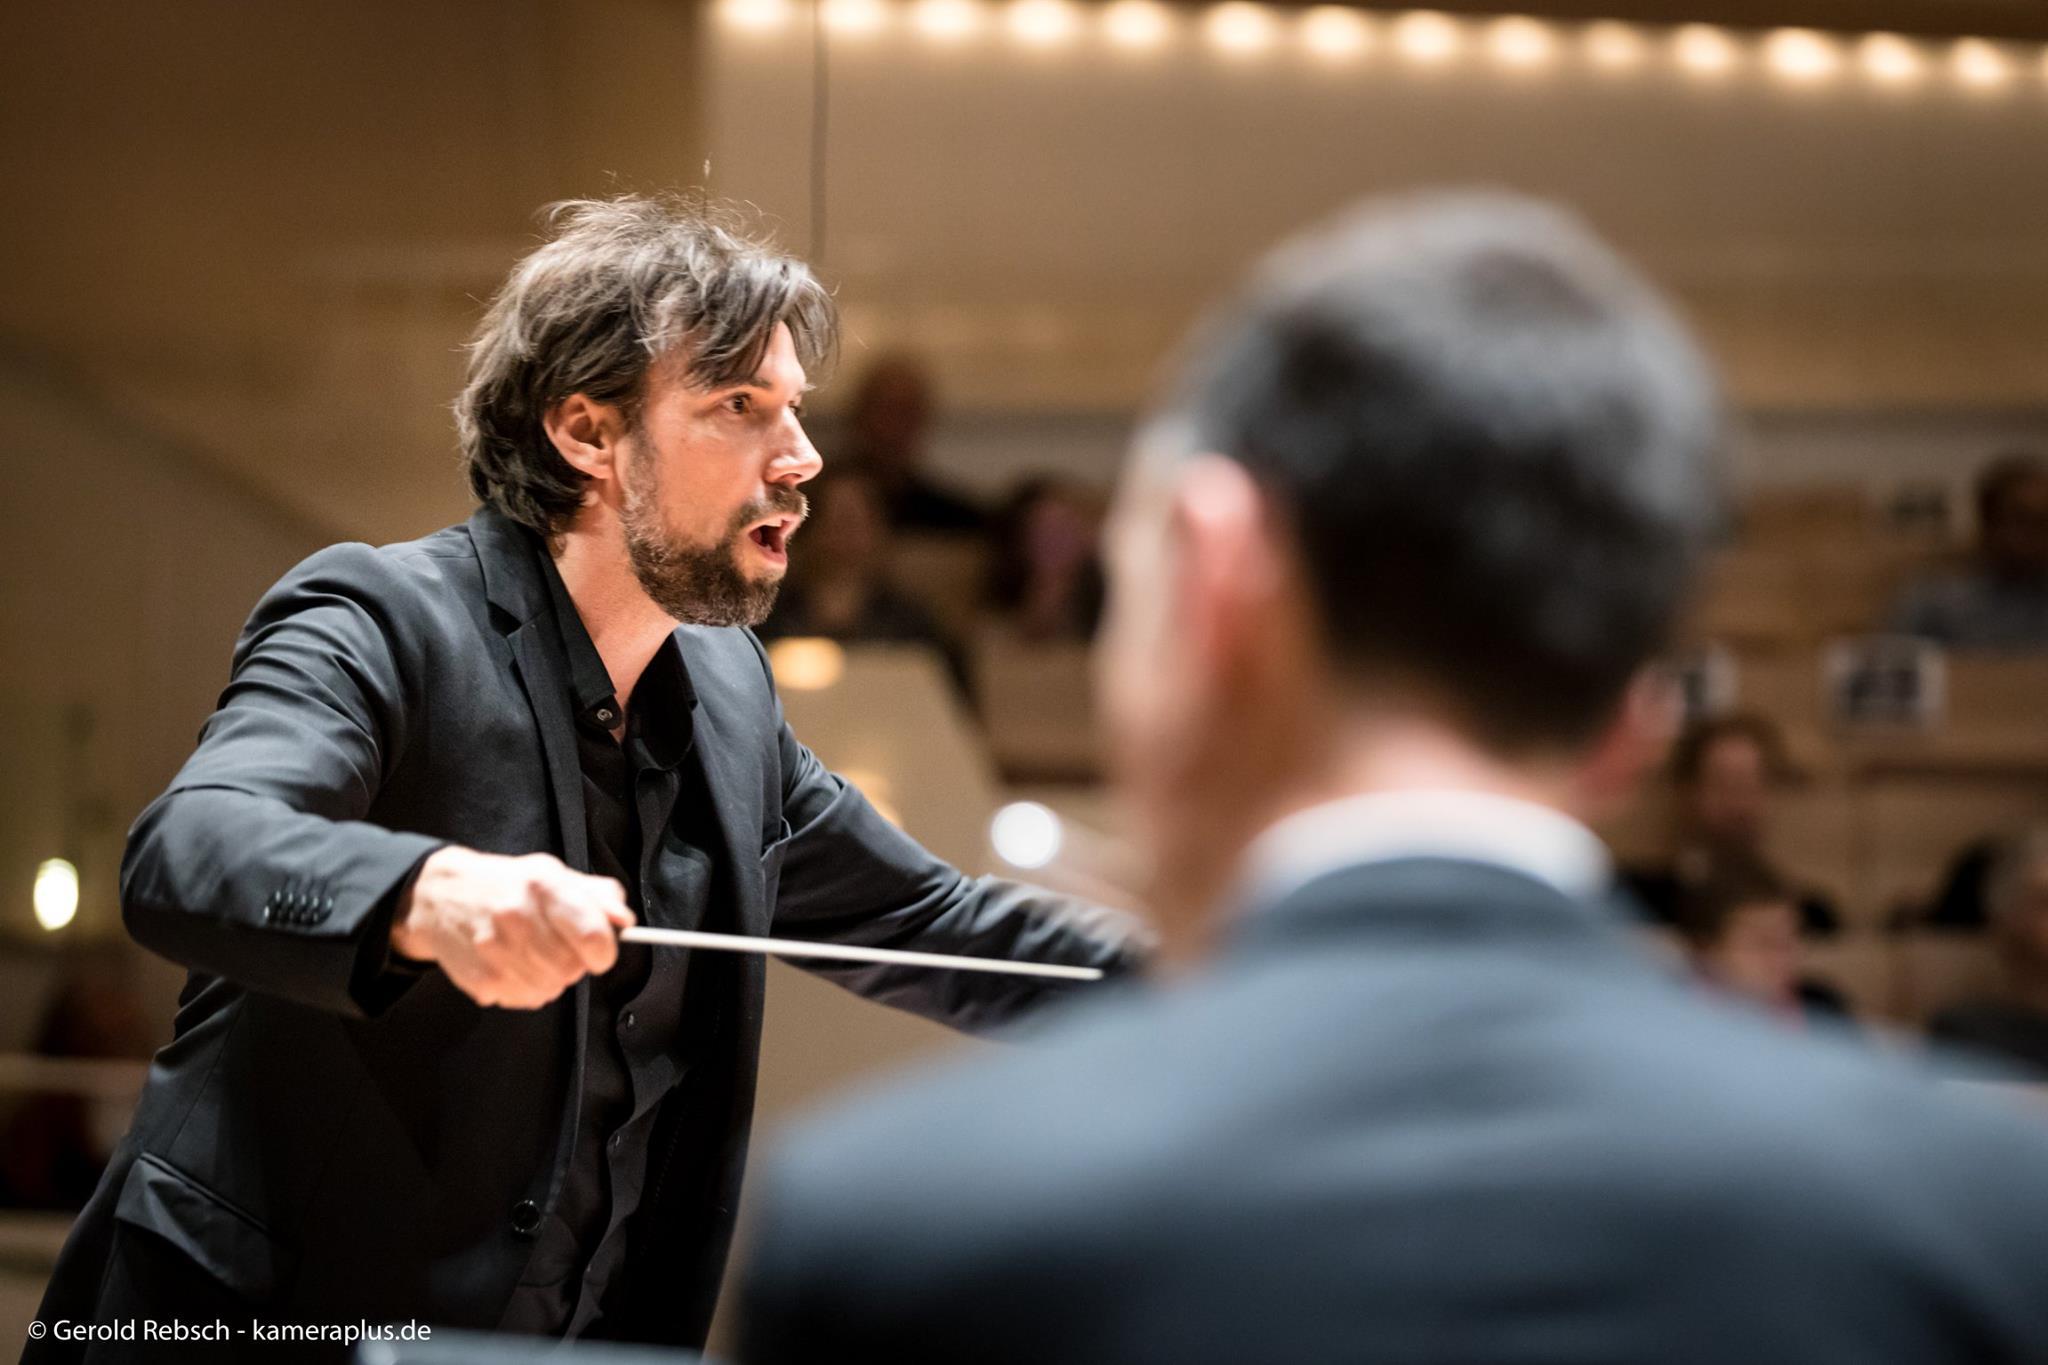 Dirigent Steffen Kepper leitet die Zentralkapelle Berlin in der Berliner Philharmonie